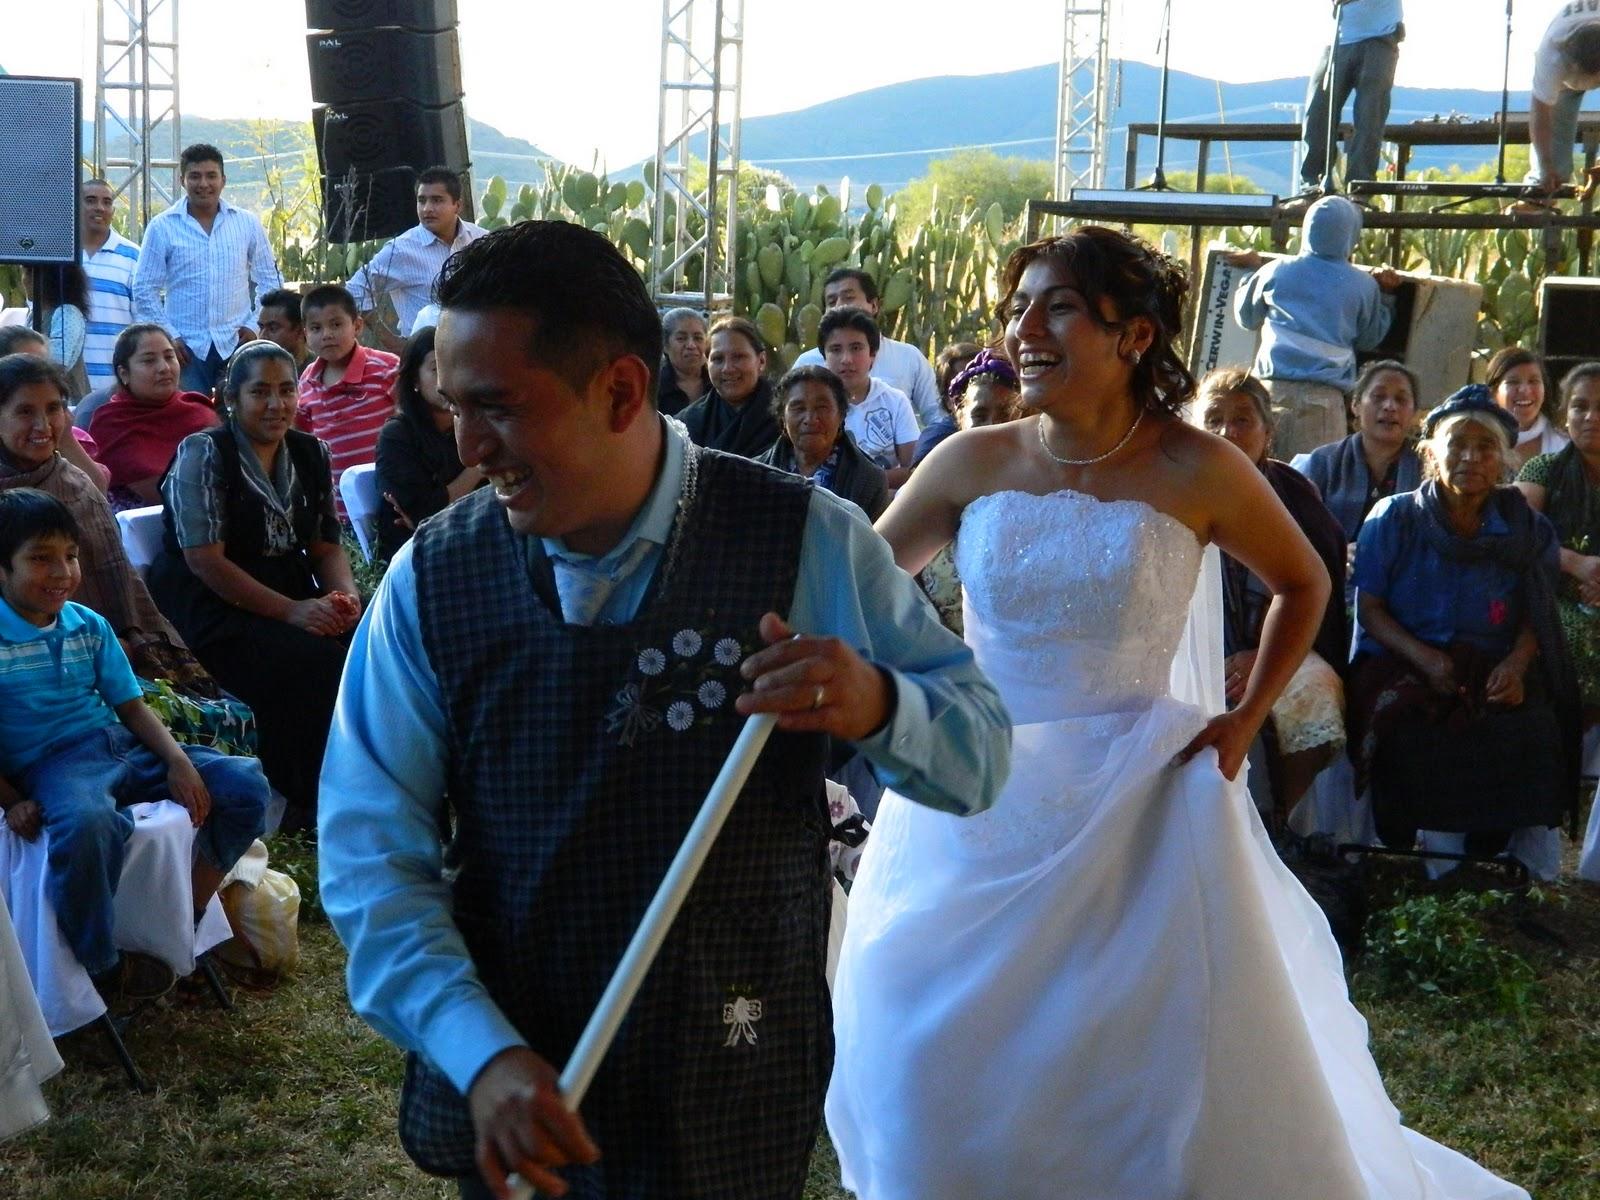 escribes conmigo  Una boda tpica